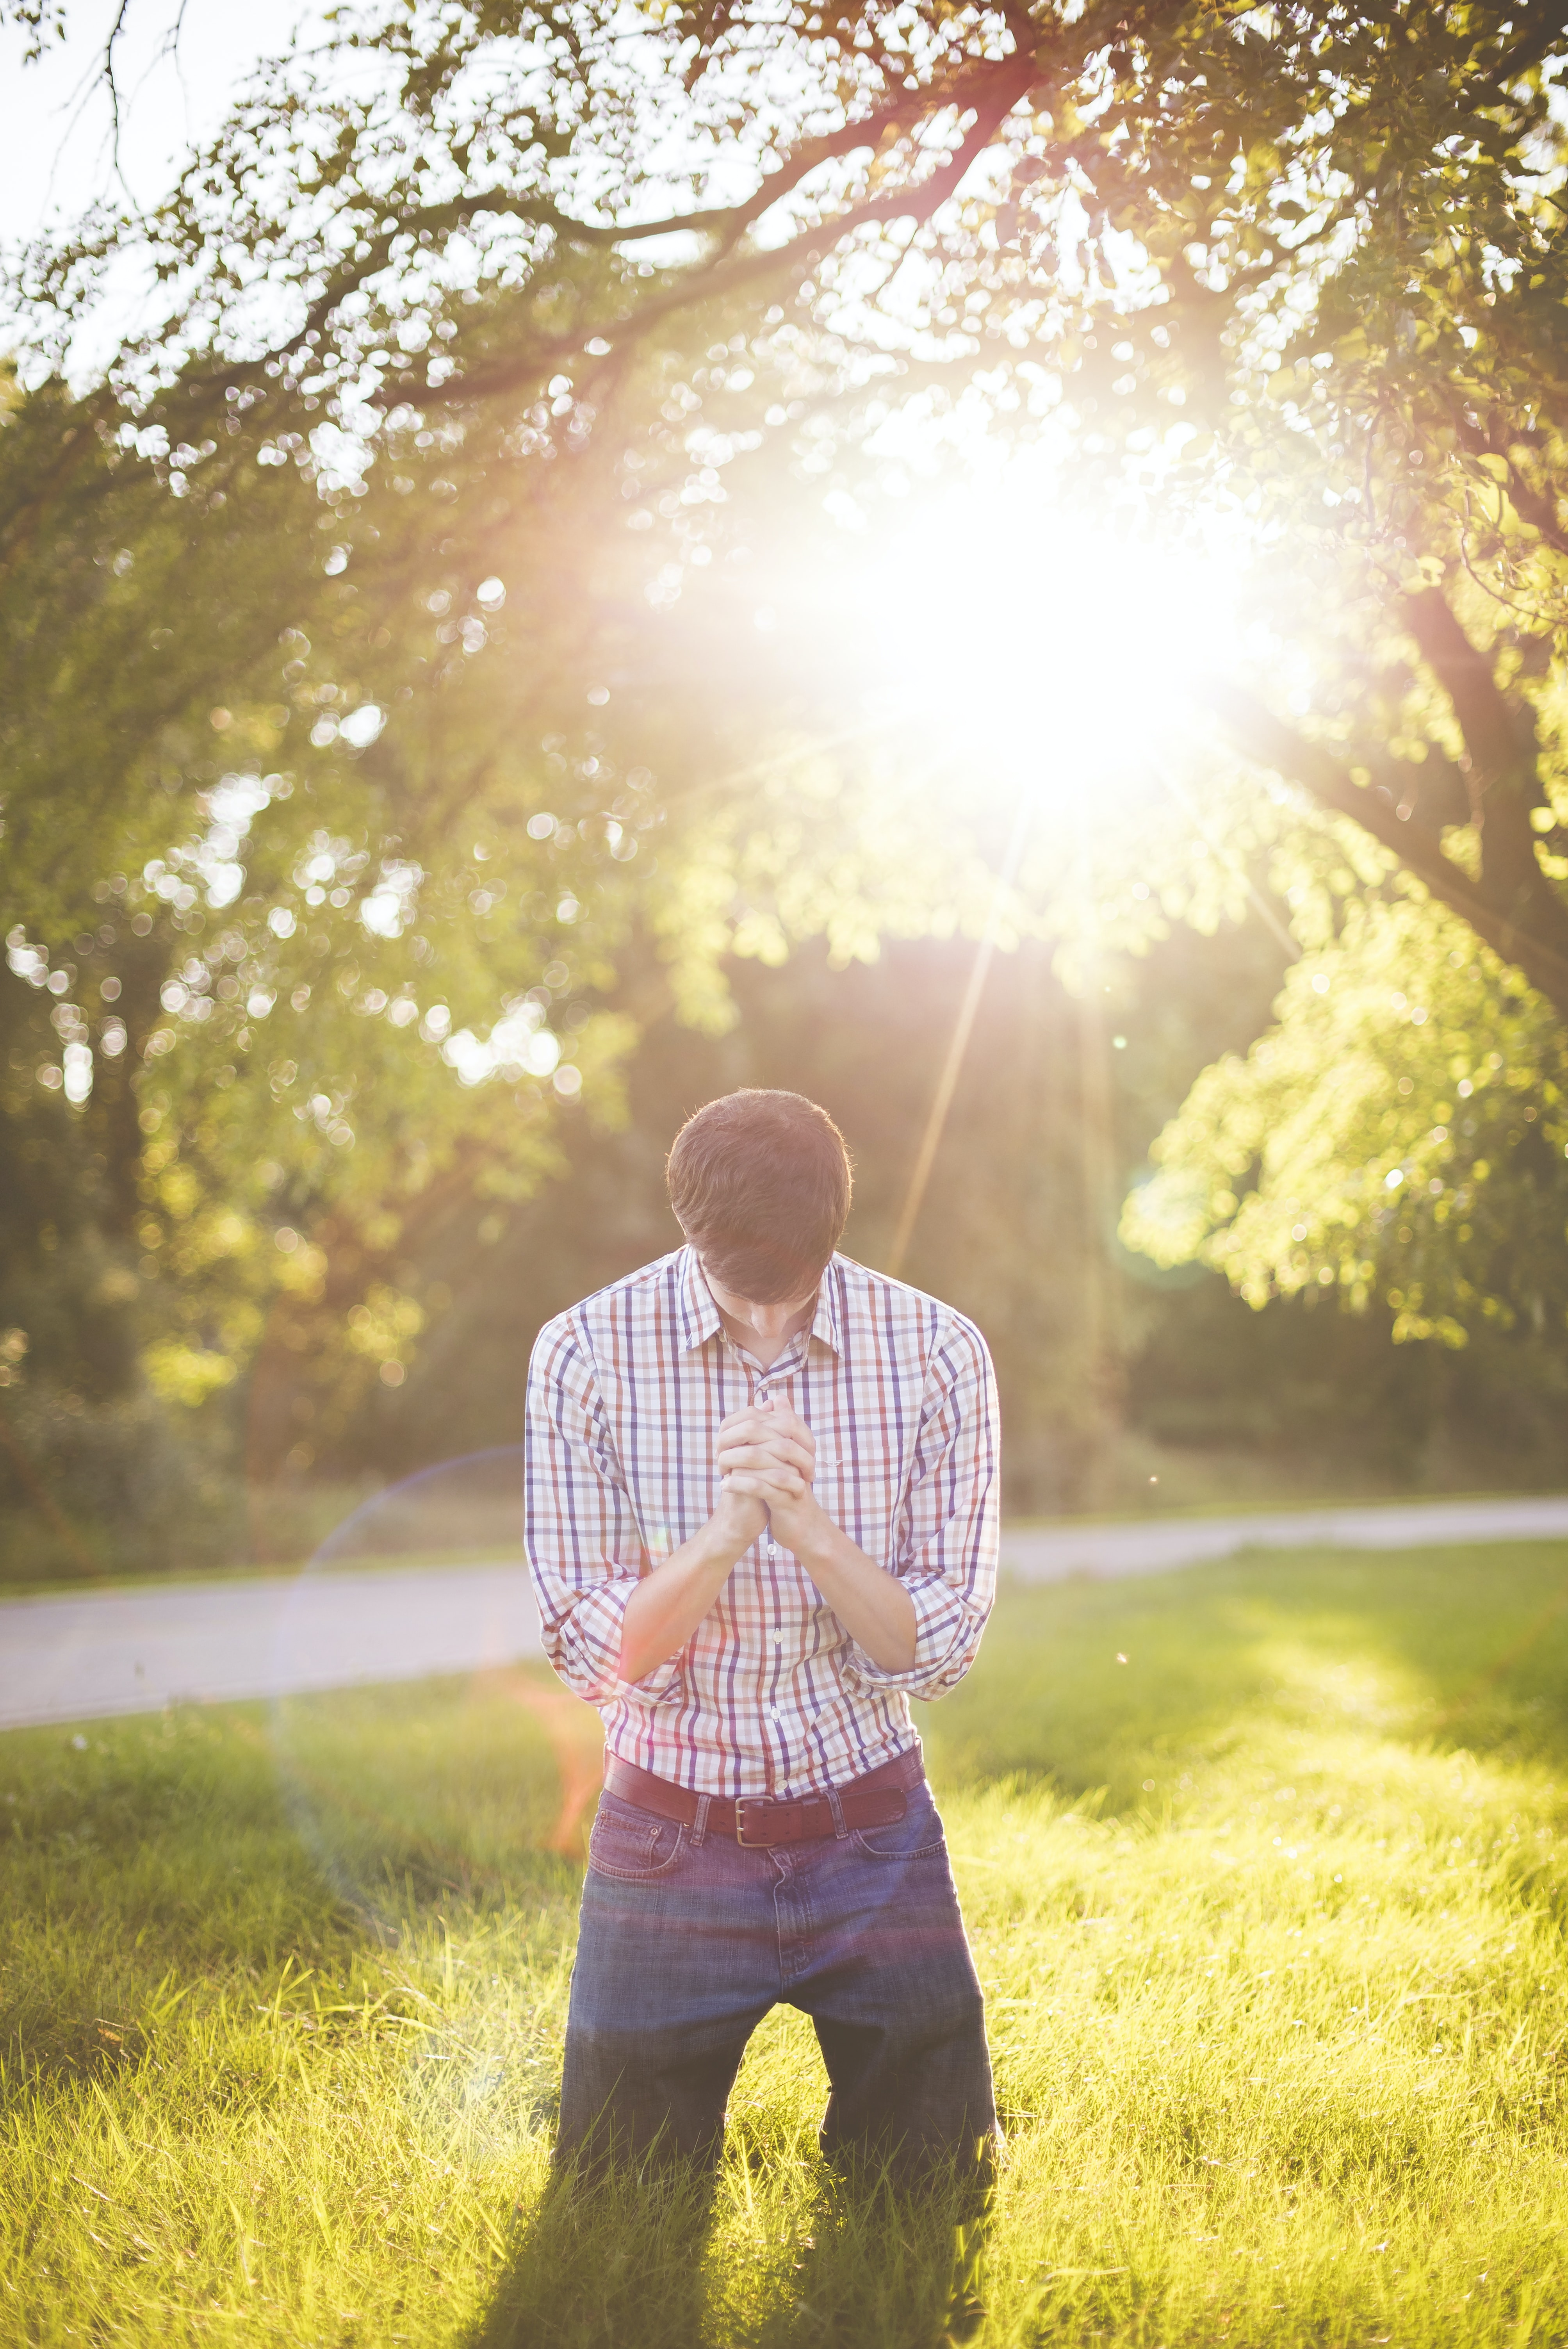 photo of man kneeling on grass near tree